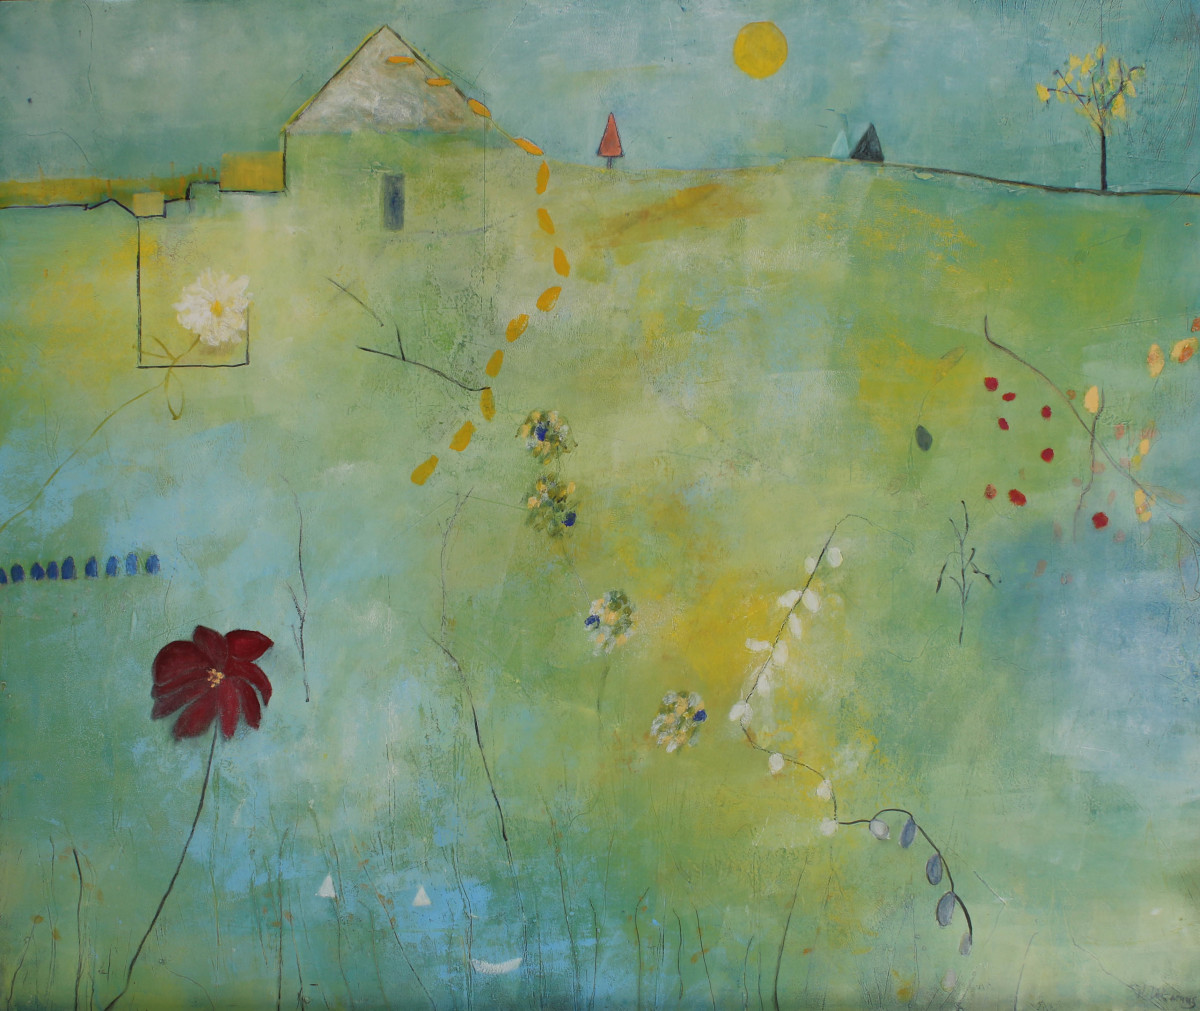 Blue Mist in the Valley by Helen DeRamus